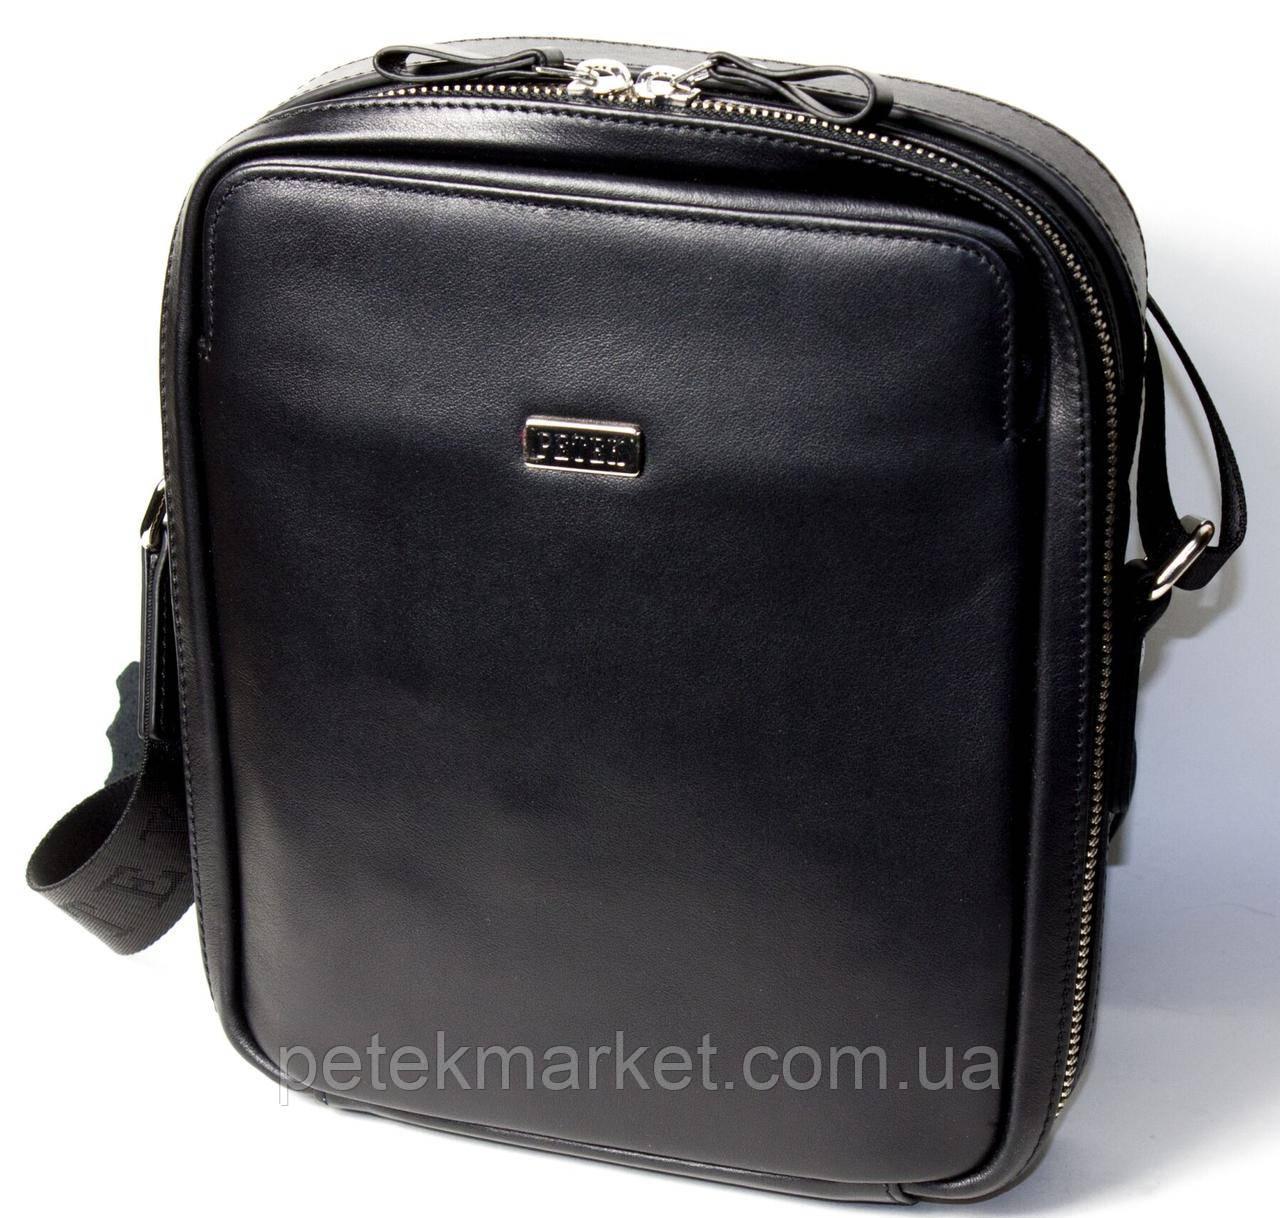 Кожаная мужская сумка Petek 3871